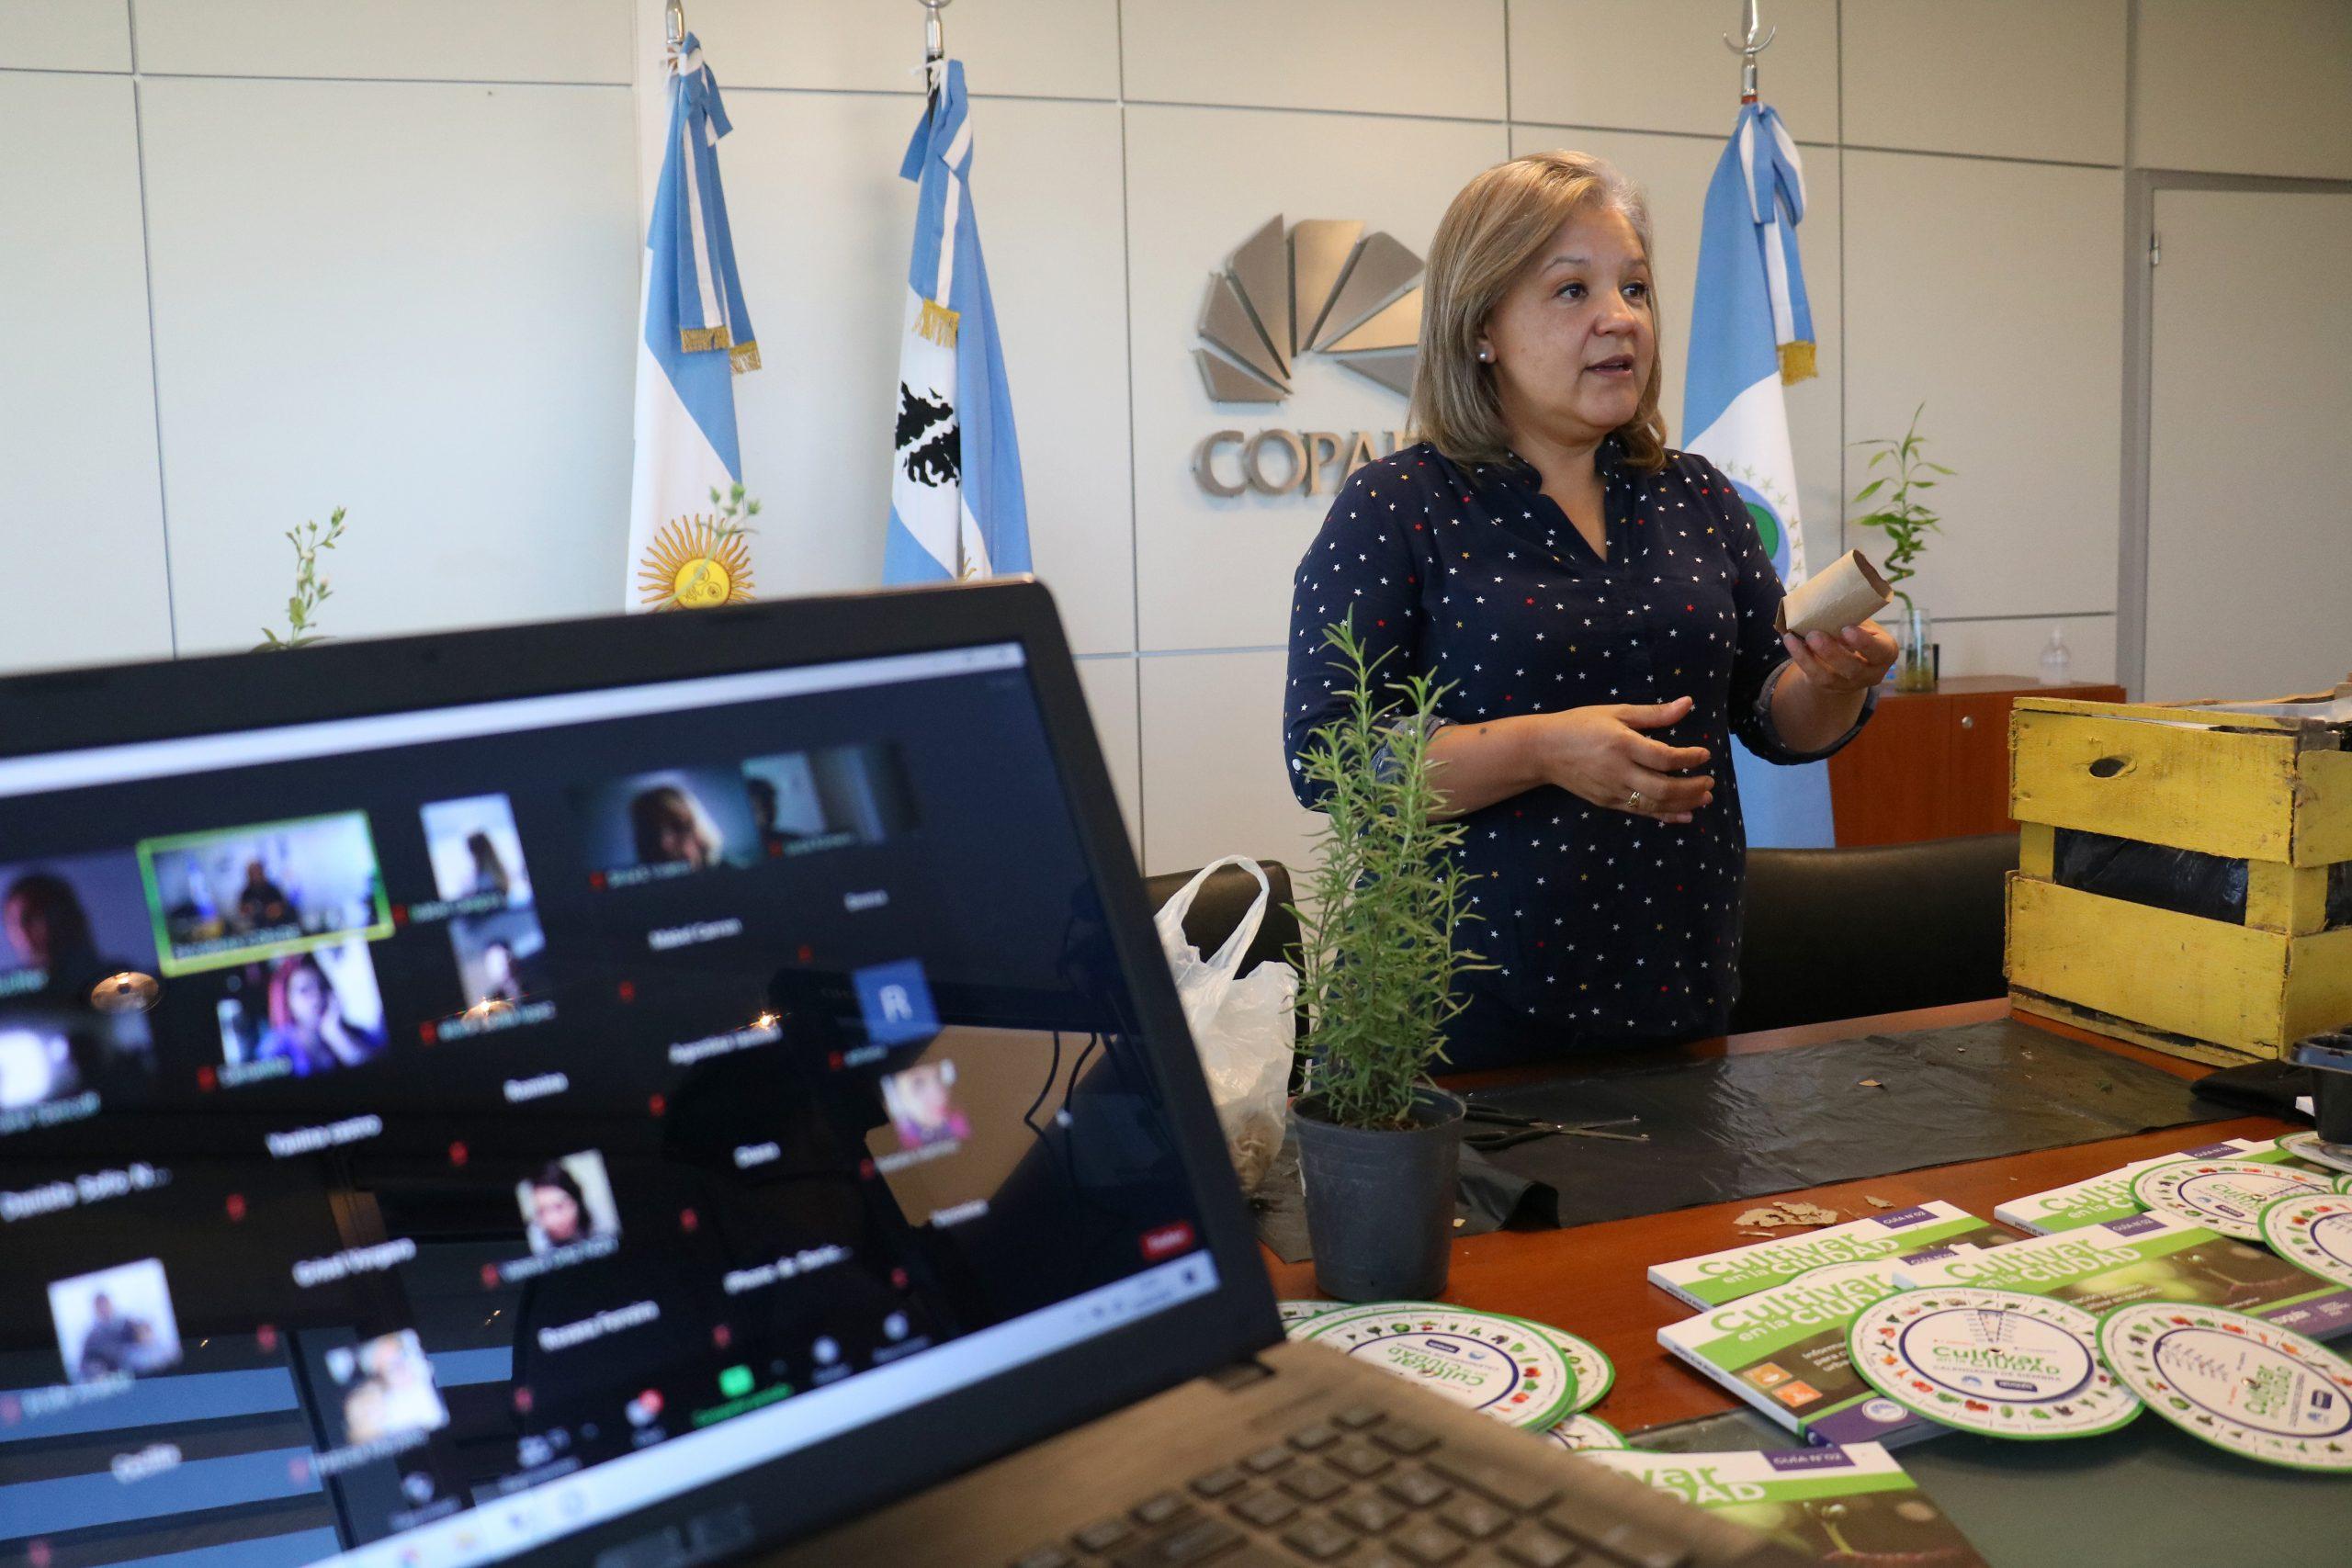 COPADE amplía la agenda de sostenibilidad con Comisiones Vecinales